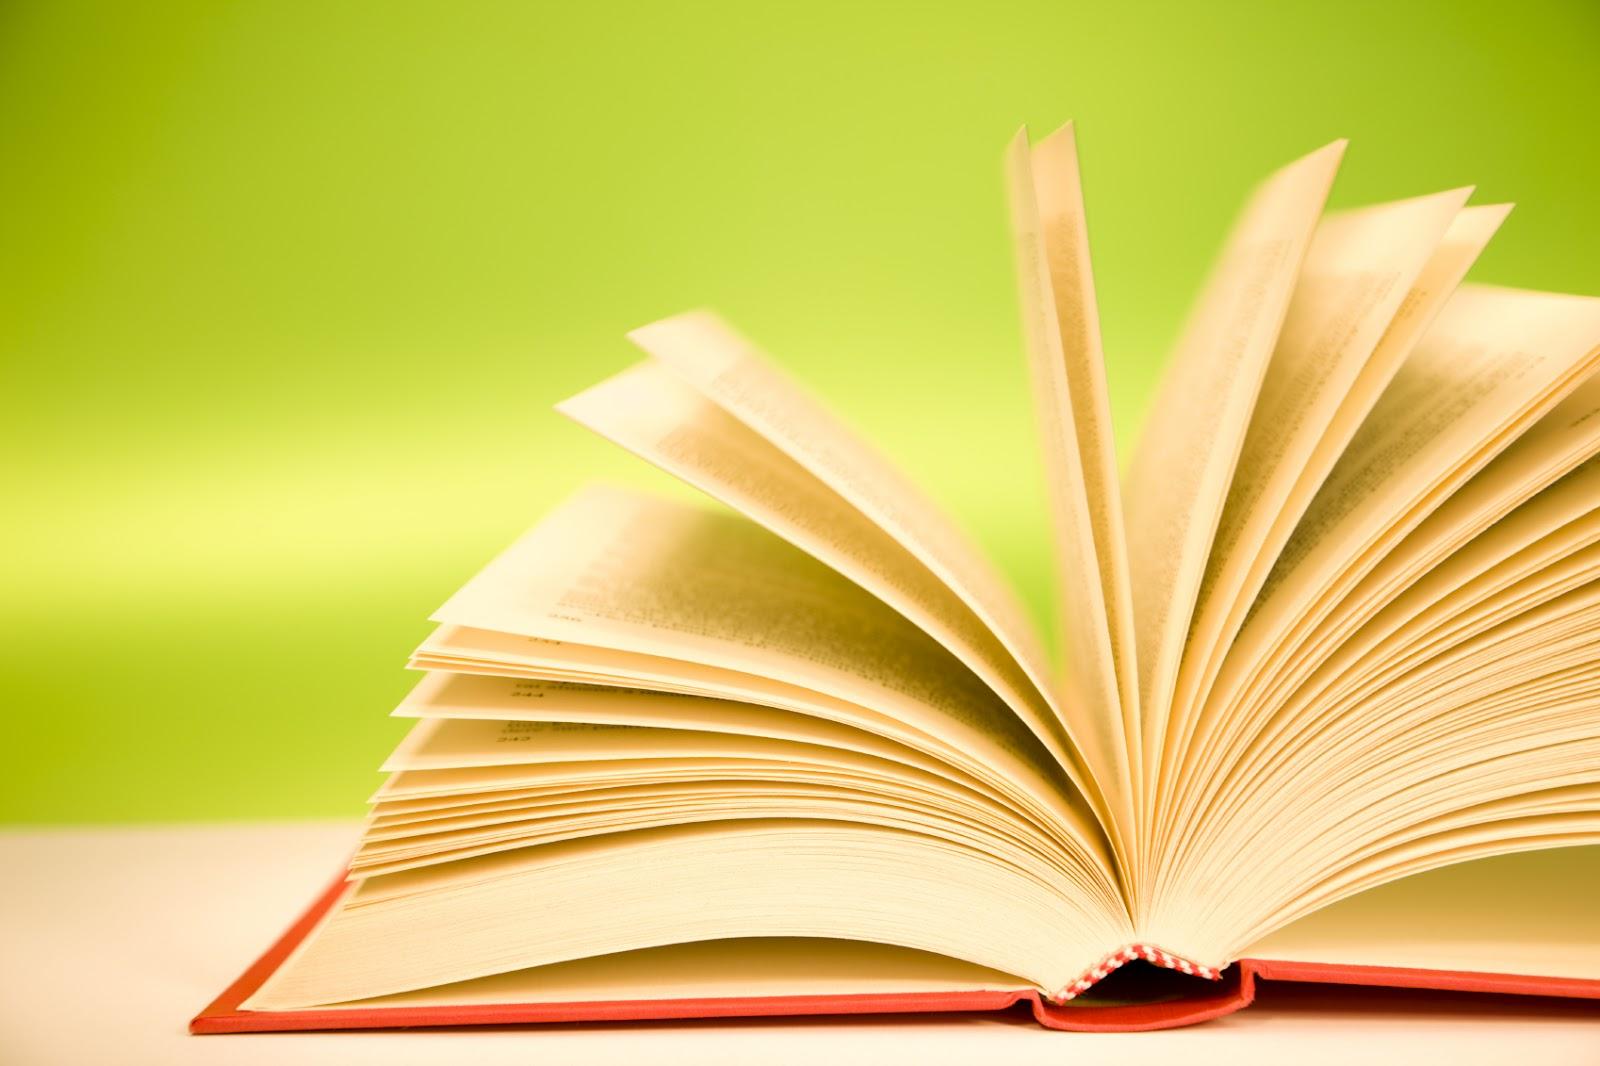 Quale libro preferisci?